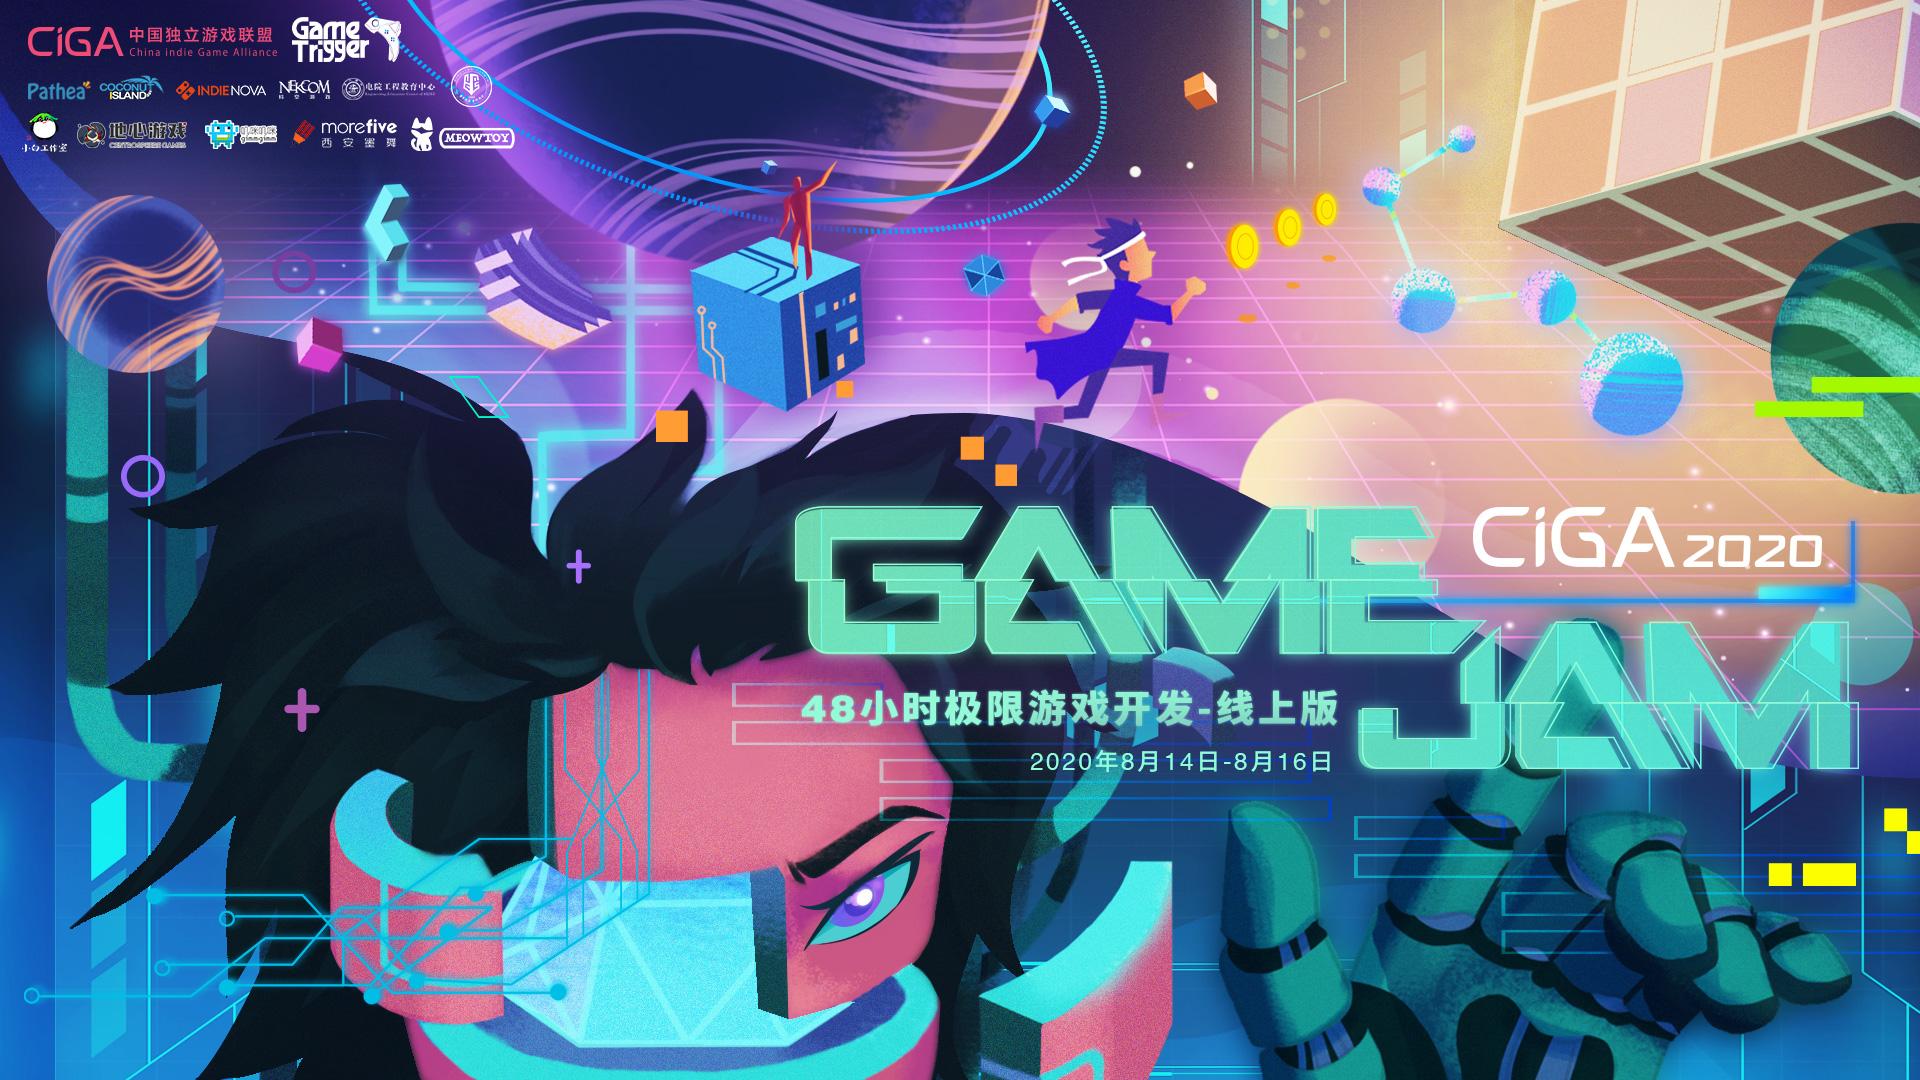 报名开始!48小时游戏极限开发活动2020 CiGA Game Jam线上进行!